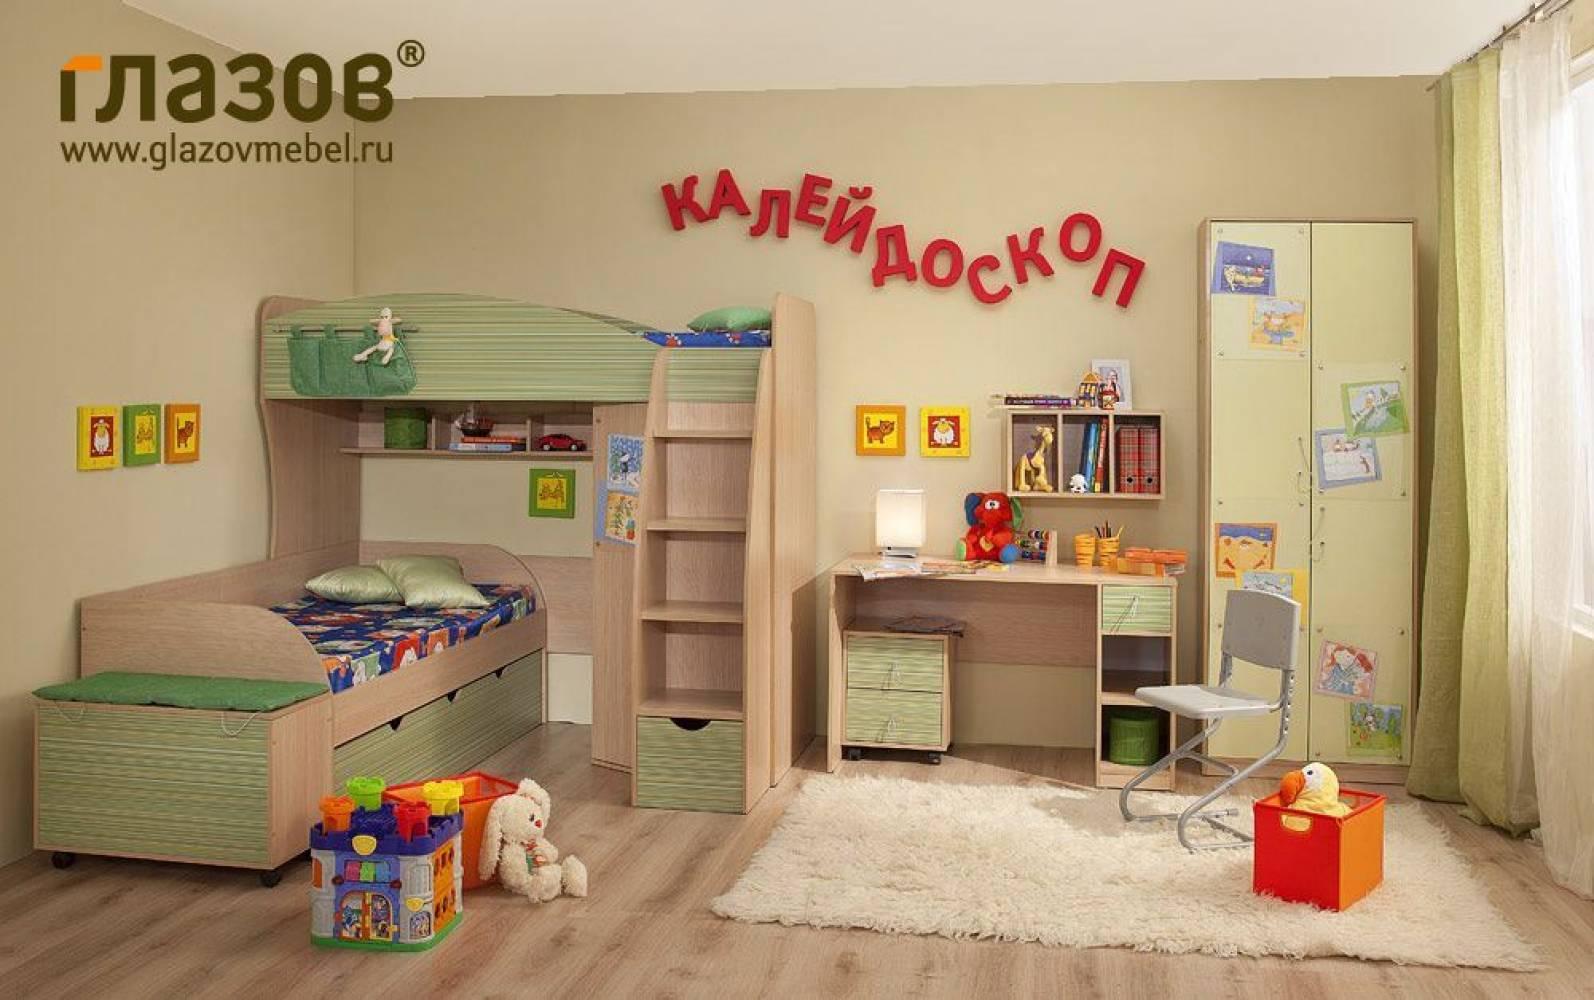 Детская комната Калейдоскоп Комплект 4